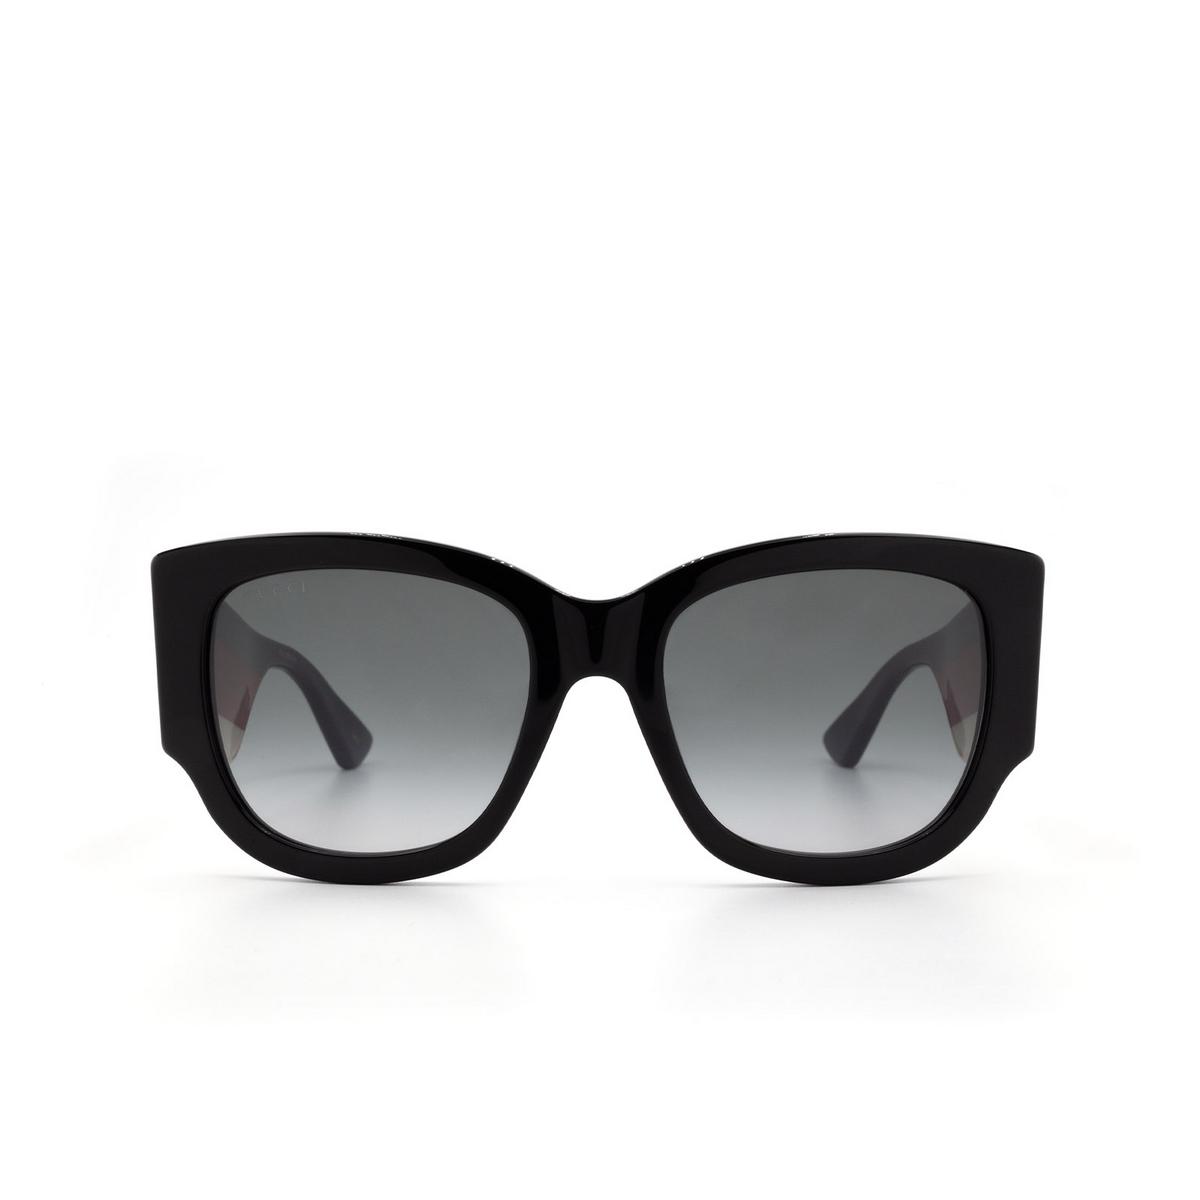 Gucci® Square Sunglasses: GG0276S color Black 001 - 1/3.